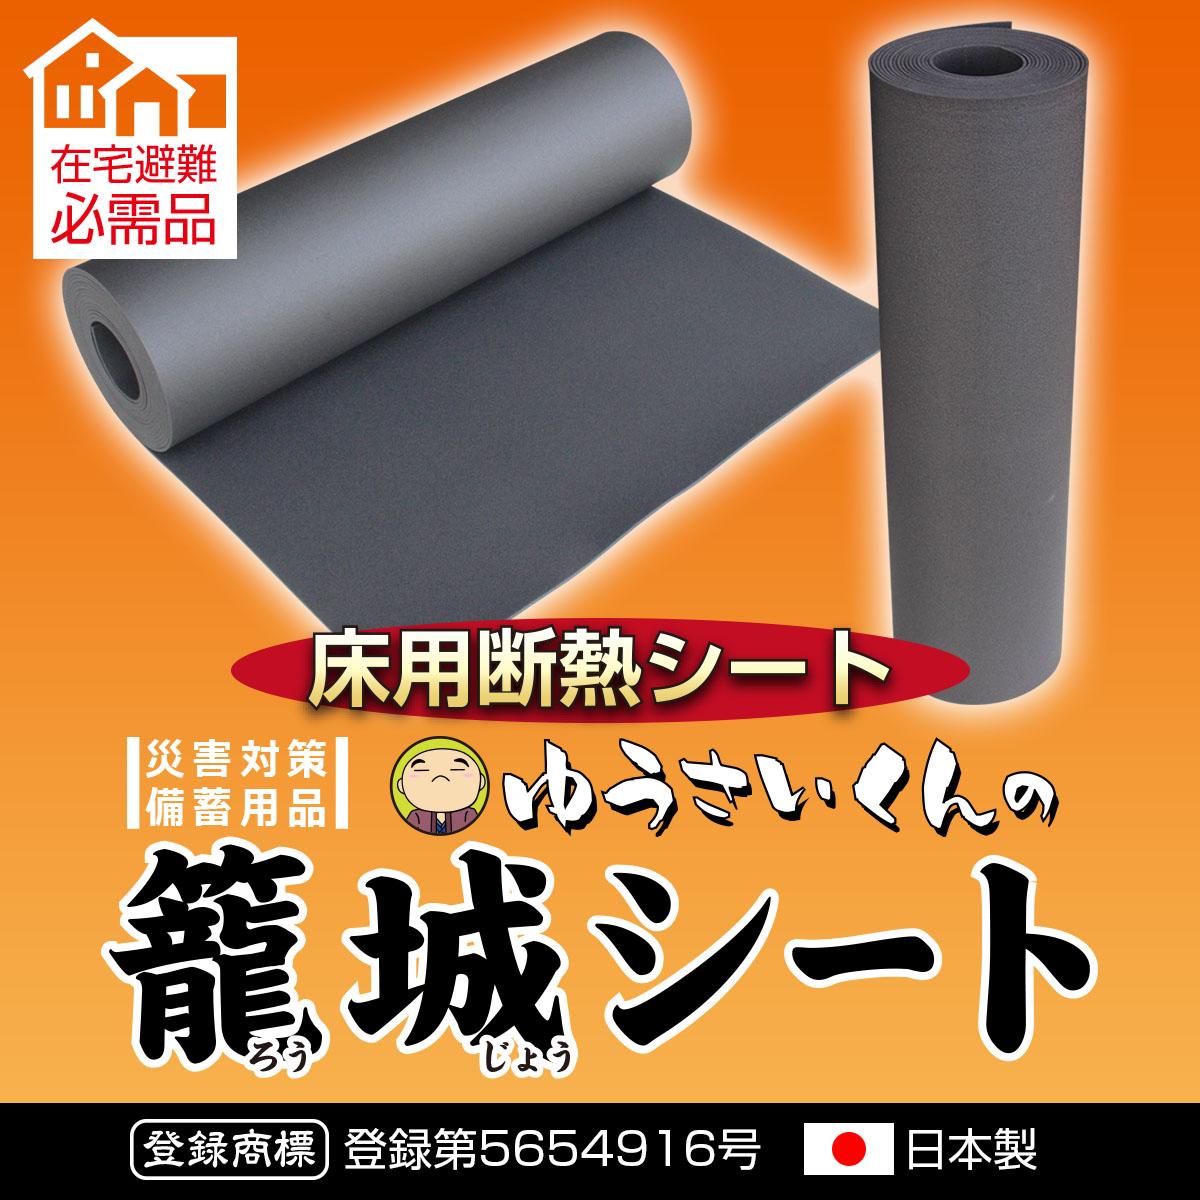 在宅避難の必需品 災害対策備蓄用品 床用断熱シート ゆうさいくんの籠城シート